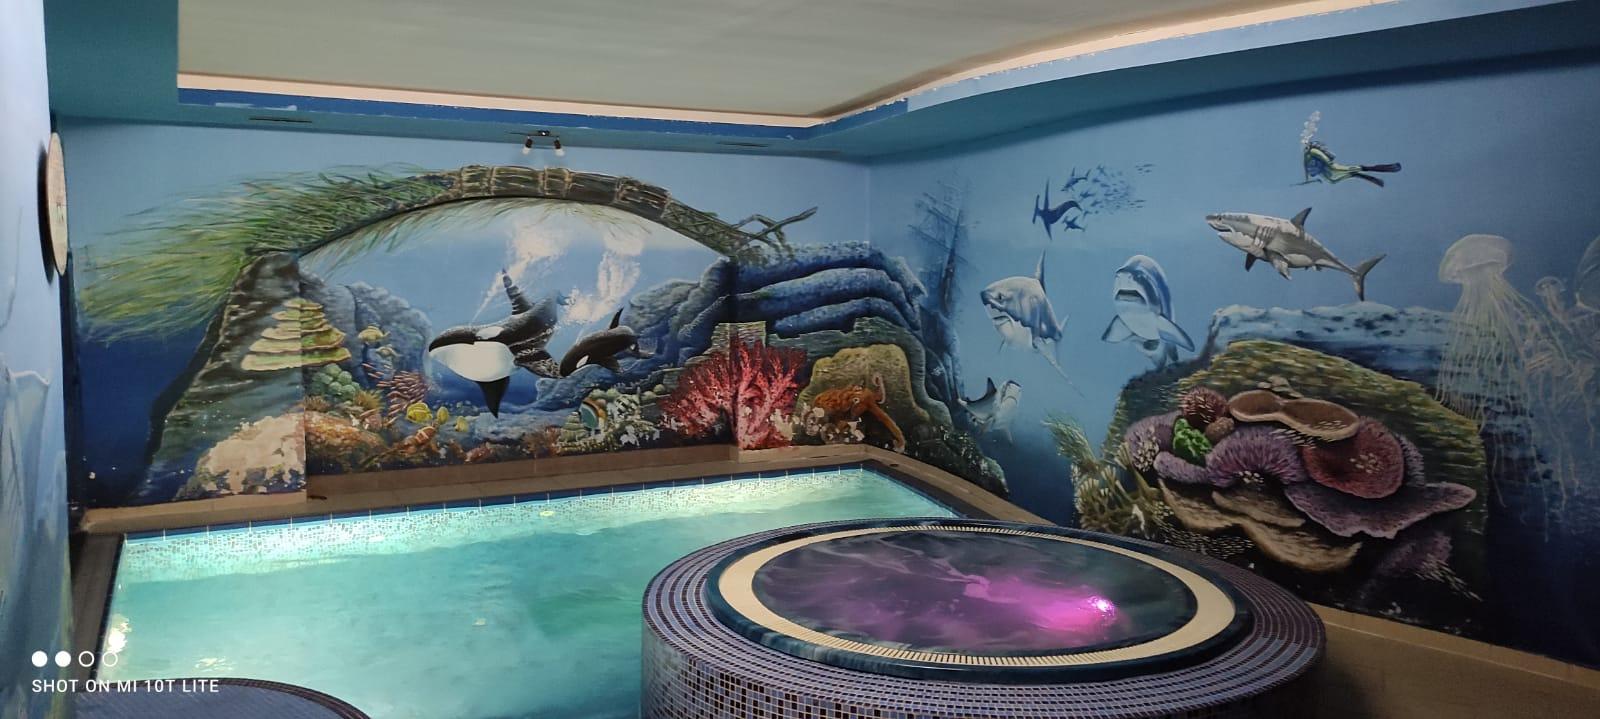 Navštivte úžasný hotel s wellness - Hotel Centrum Harrachov